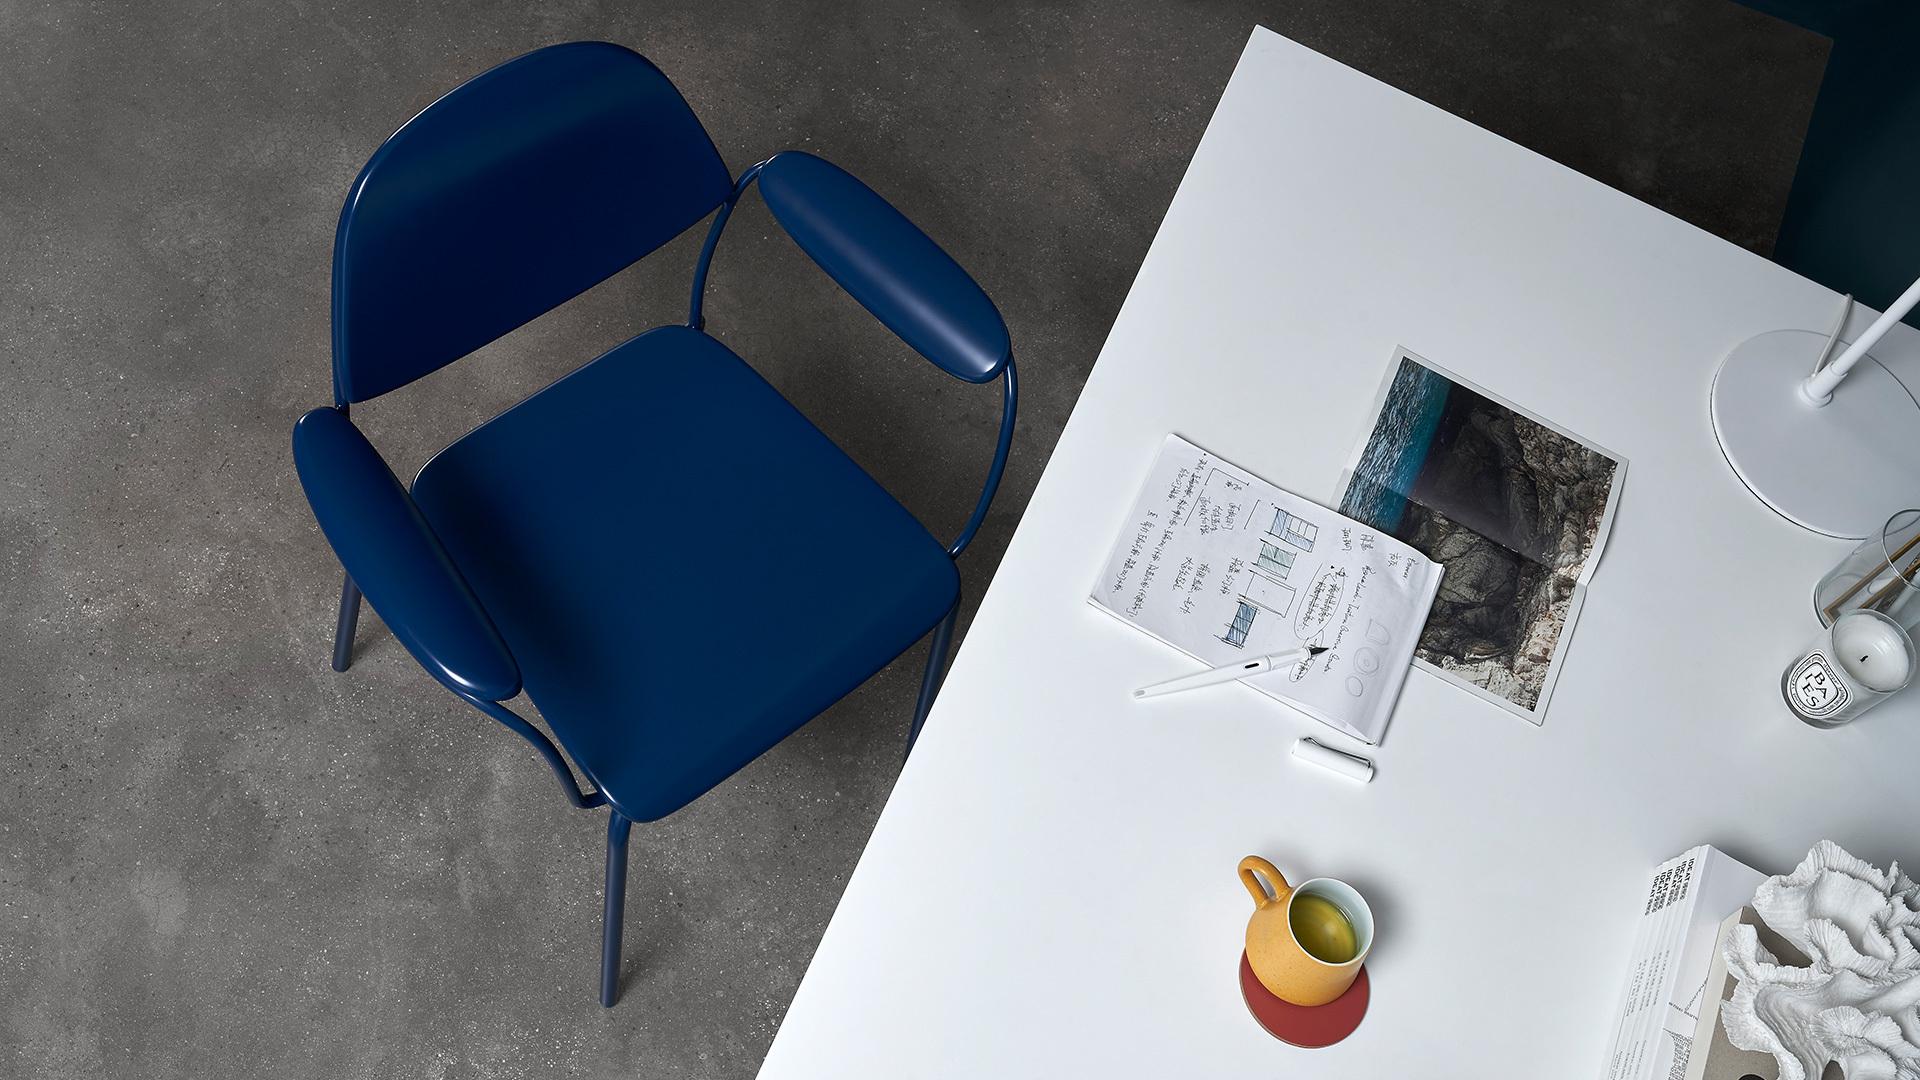 优美收敛的造型,用于低调书房的工作椅照样质感上乘,与同样线条纤美的作业本桌子、赋格小柜、鹿铃台灯、星云置物系形成对仗工整的诗意搭配。